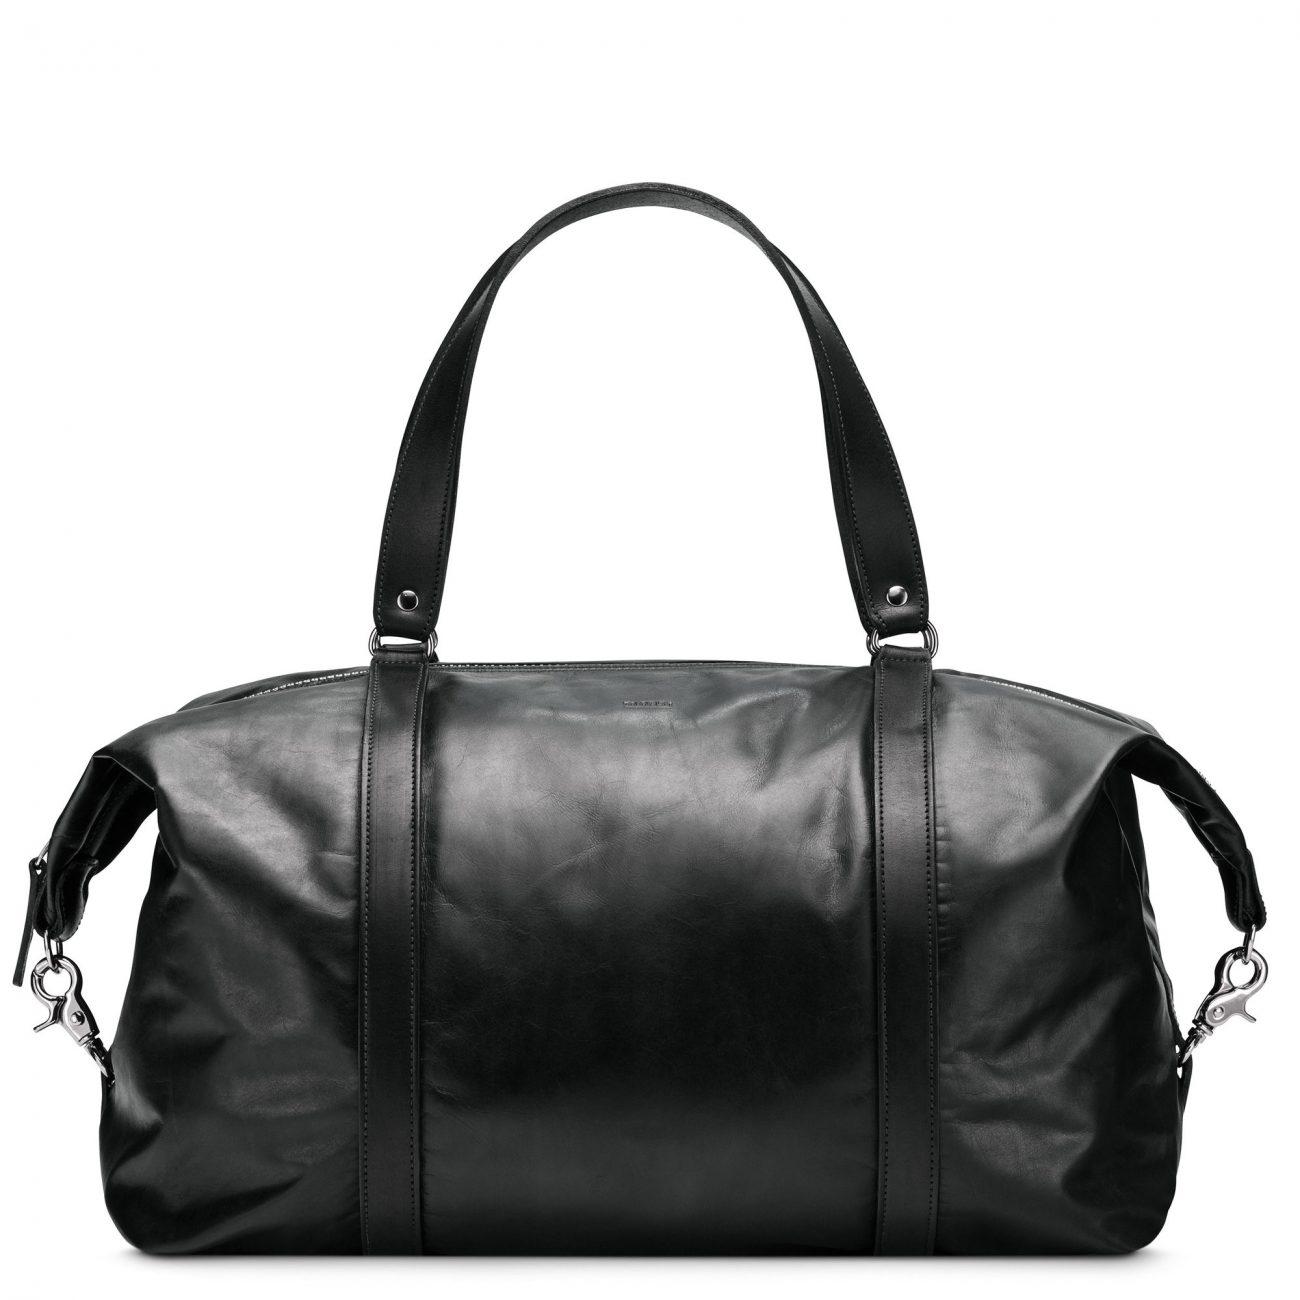 1 des 10 sacs weekend parfaits: Sac Globetrotteur moyen en cuir Aniline de M0851 - 2